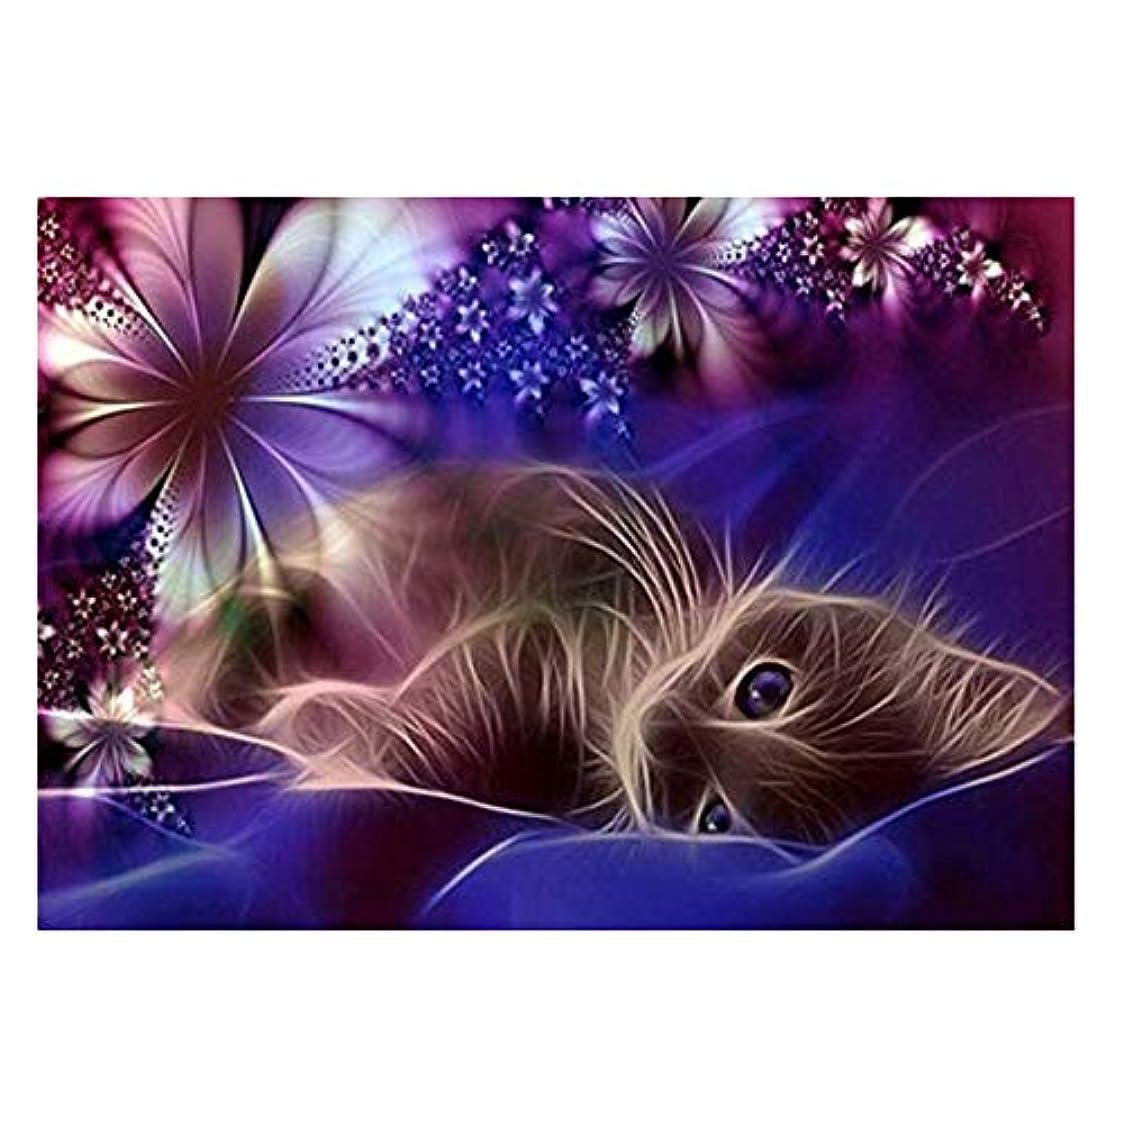 秘書生きる周波数5D 手作りダイヤモンド絵画?30×40cmかわいい猫5Dダイヤモンドペインティングるまインテリア プレゼント ホーム レストラン 壁掛け 装飾 (マルチカラー)